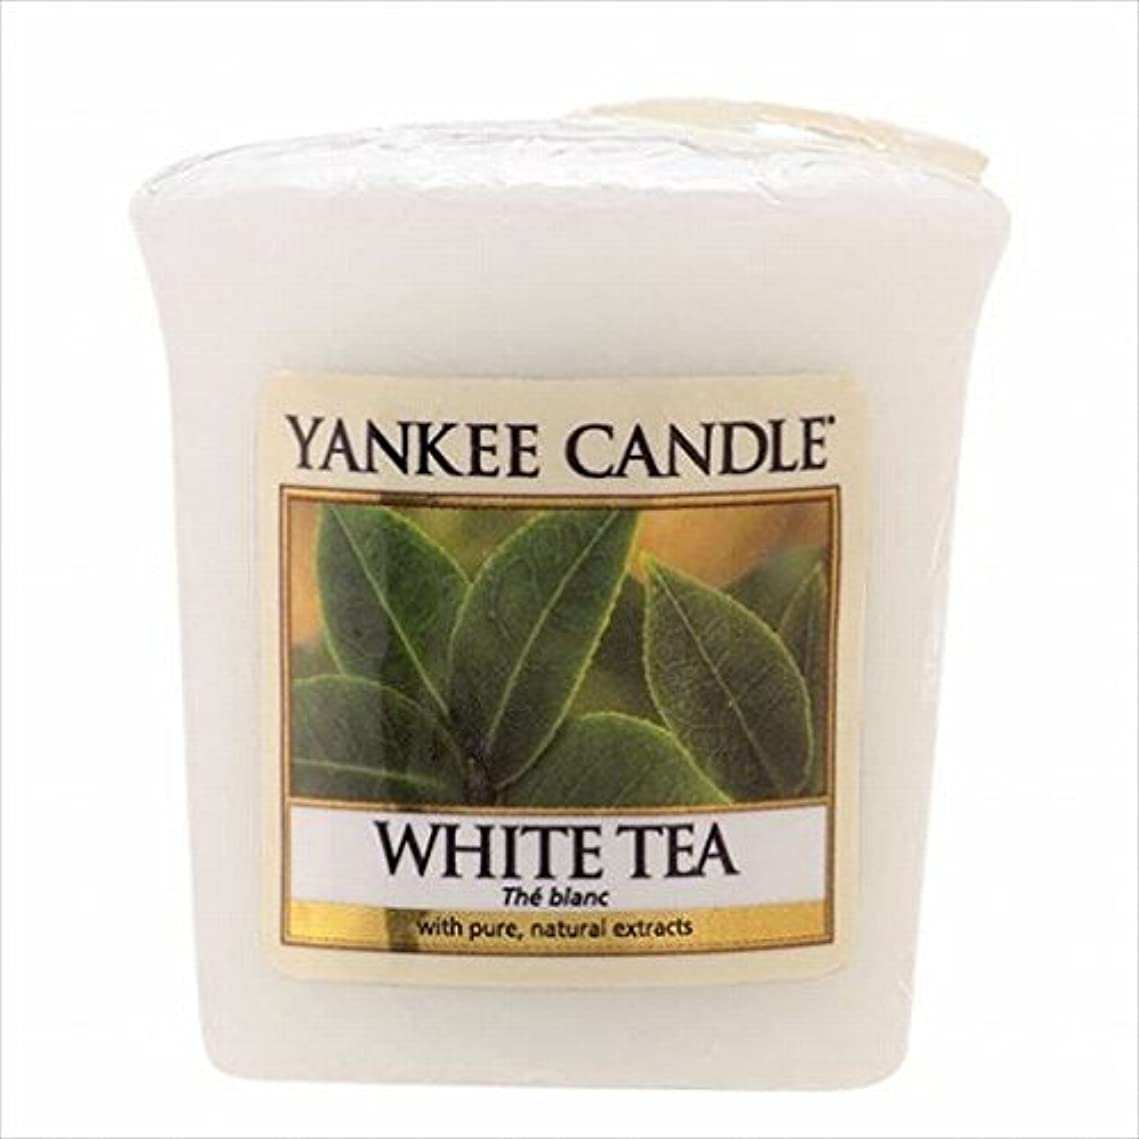 工場きしむフィドルYANKEE CANDLE(ヤンキーキャンドル) YANKEE CANDLE サンプラー 「 ホワイトティー 」6個セット(K00105277)